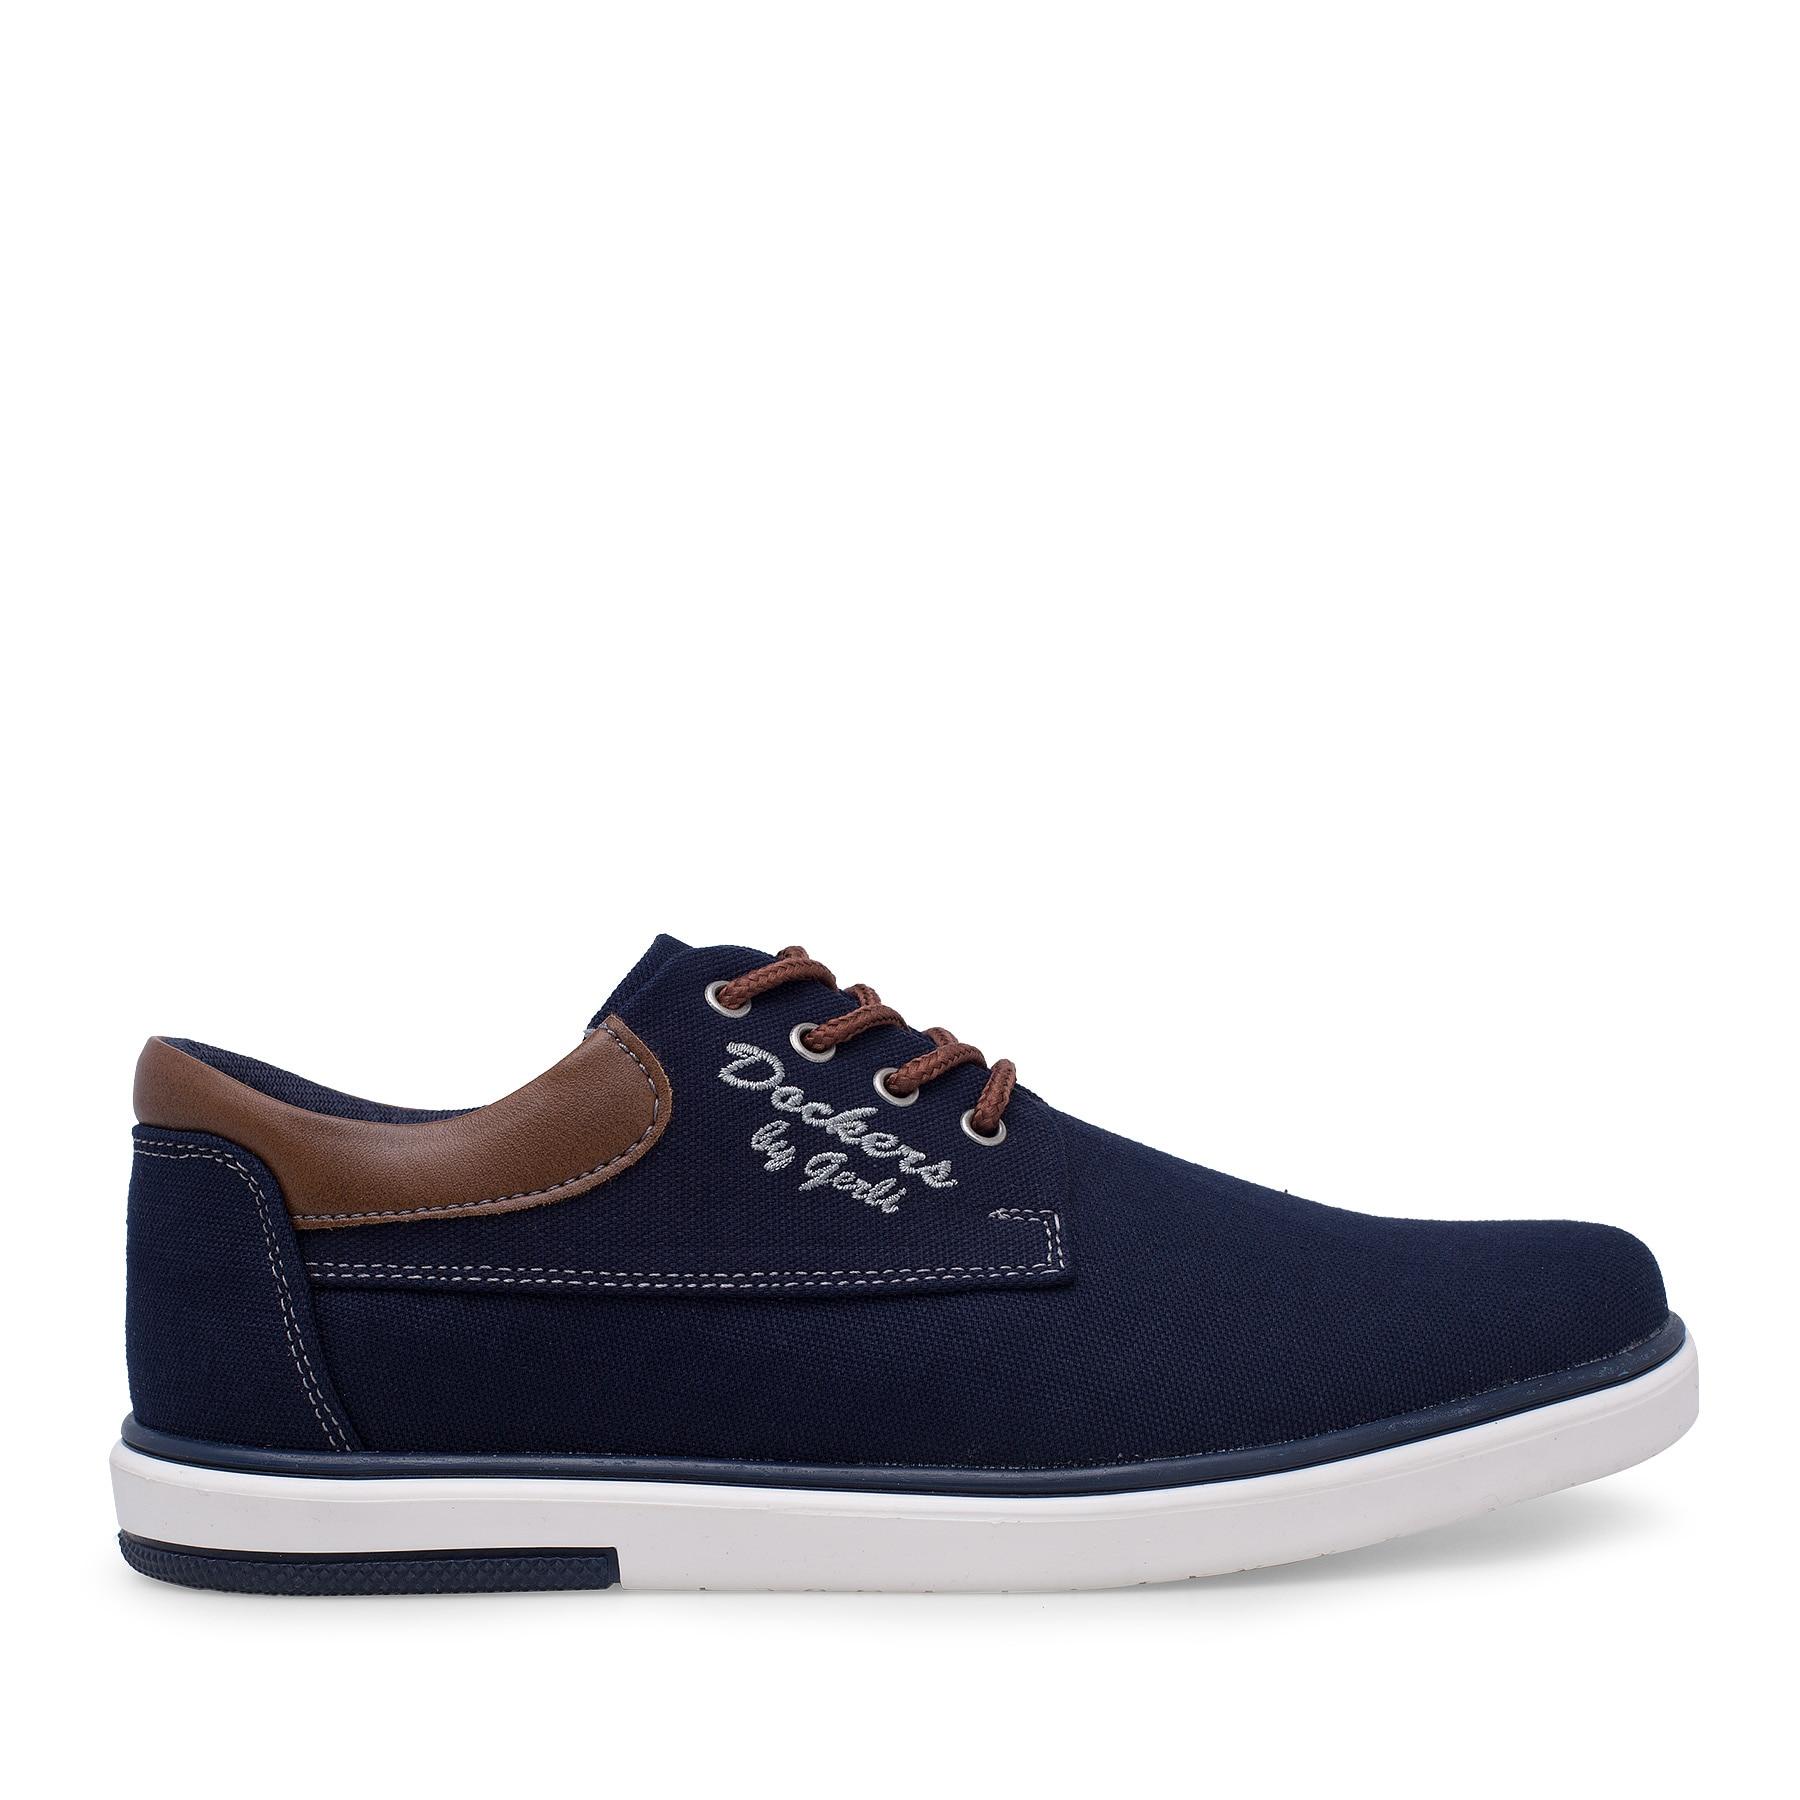 Dockers Shoes MALE SHOES 224942 Men's